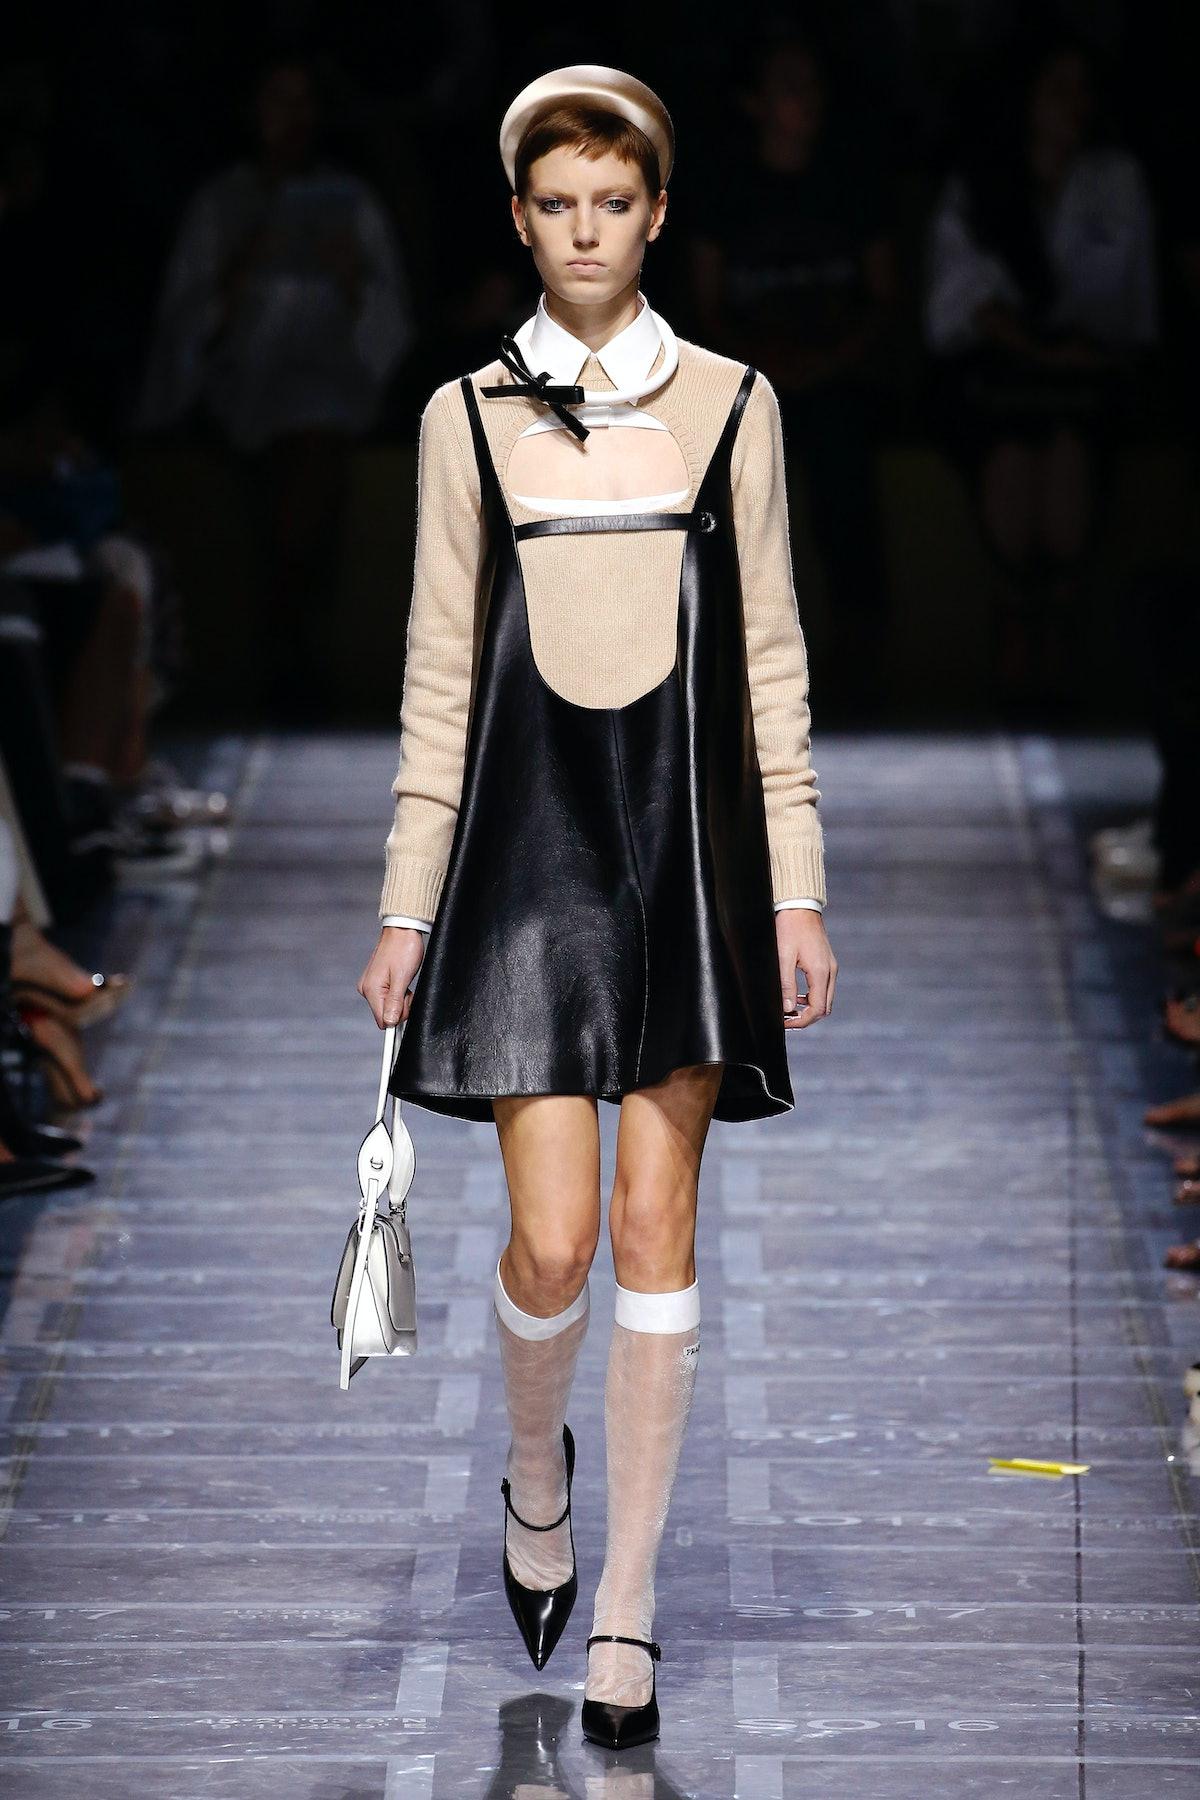 Prada - Runway - Milan Fashion Week Spring/Summer 2019